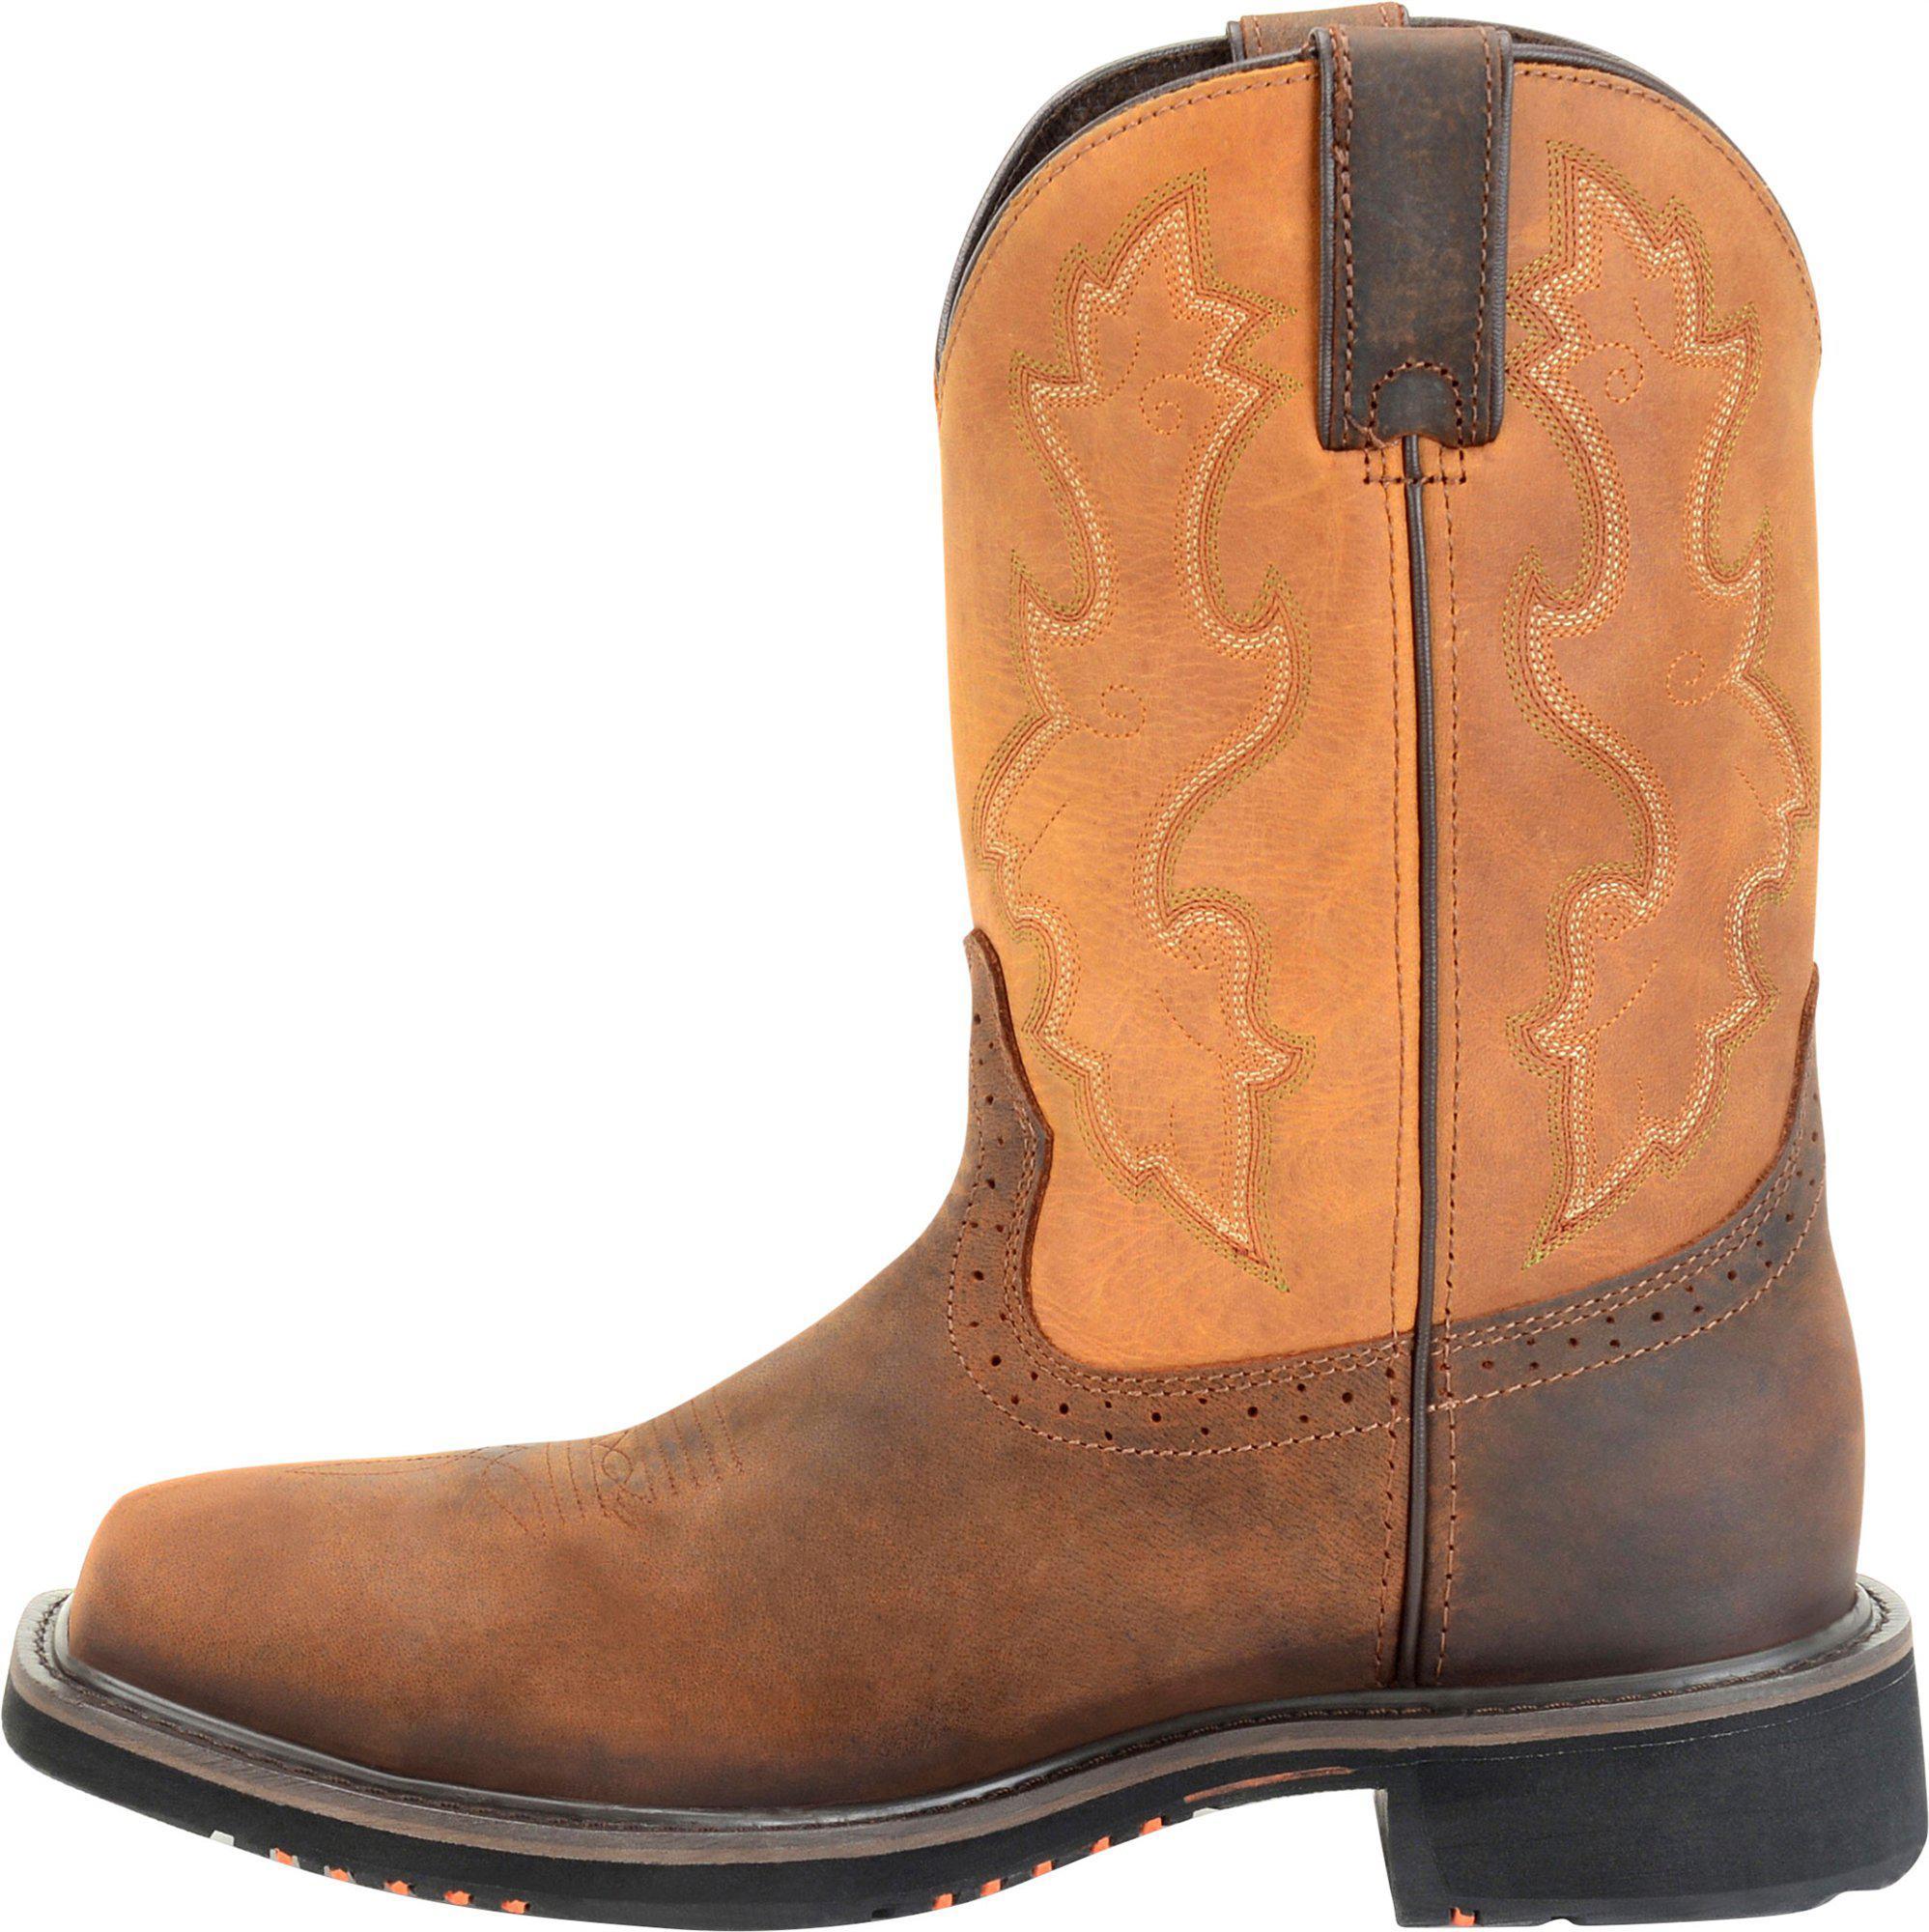 1d8174305e9 Men's Brown 11 Inch Wide Square Comp Toe Roper